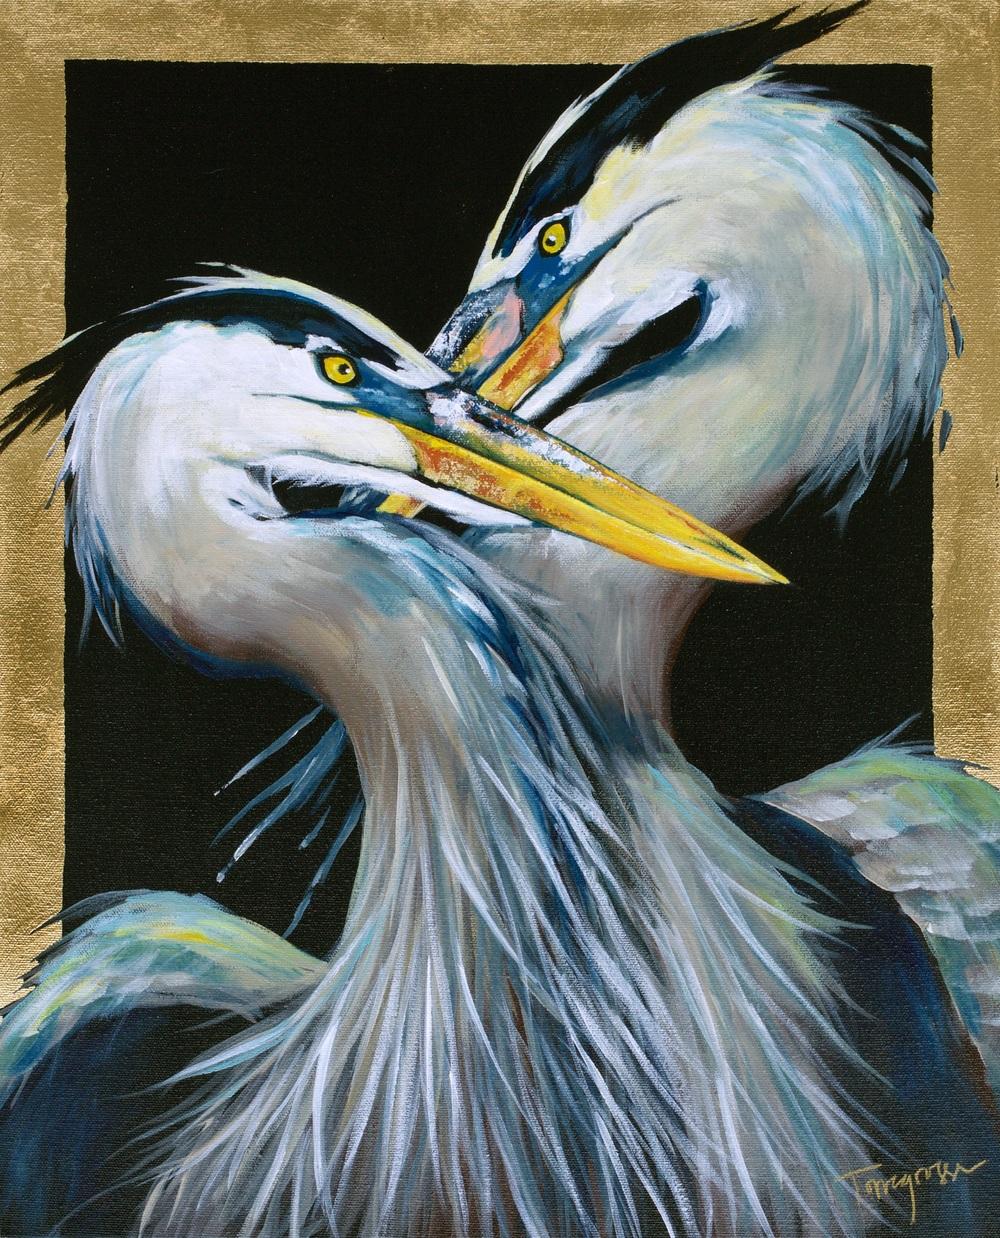 Pair of blue Heron .jpg